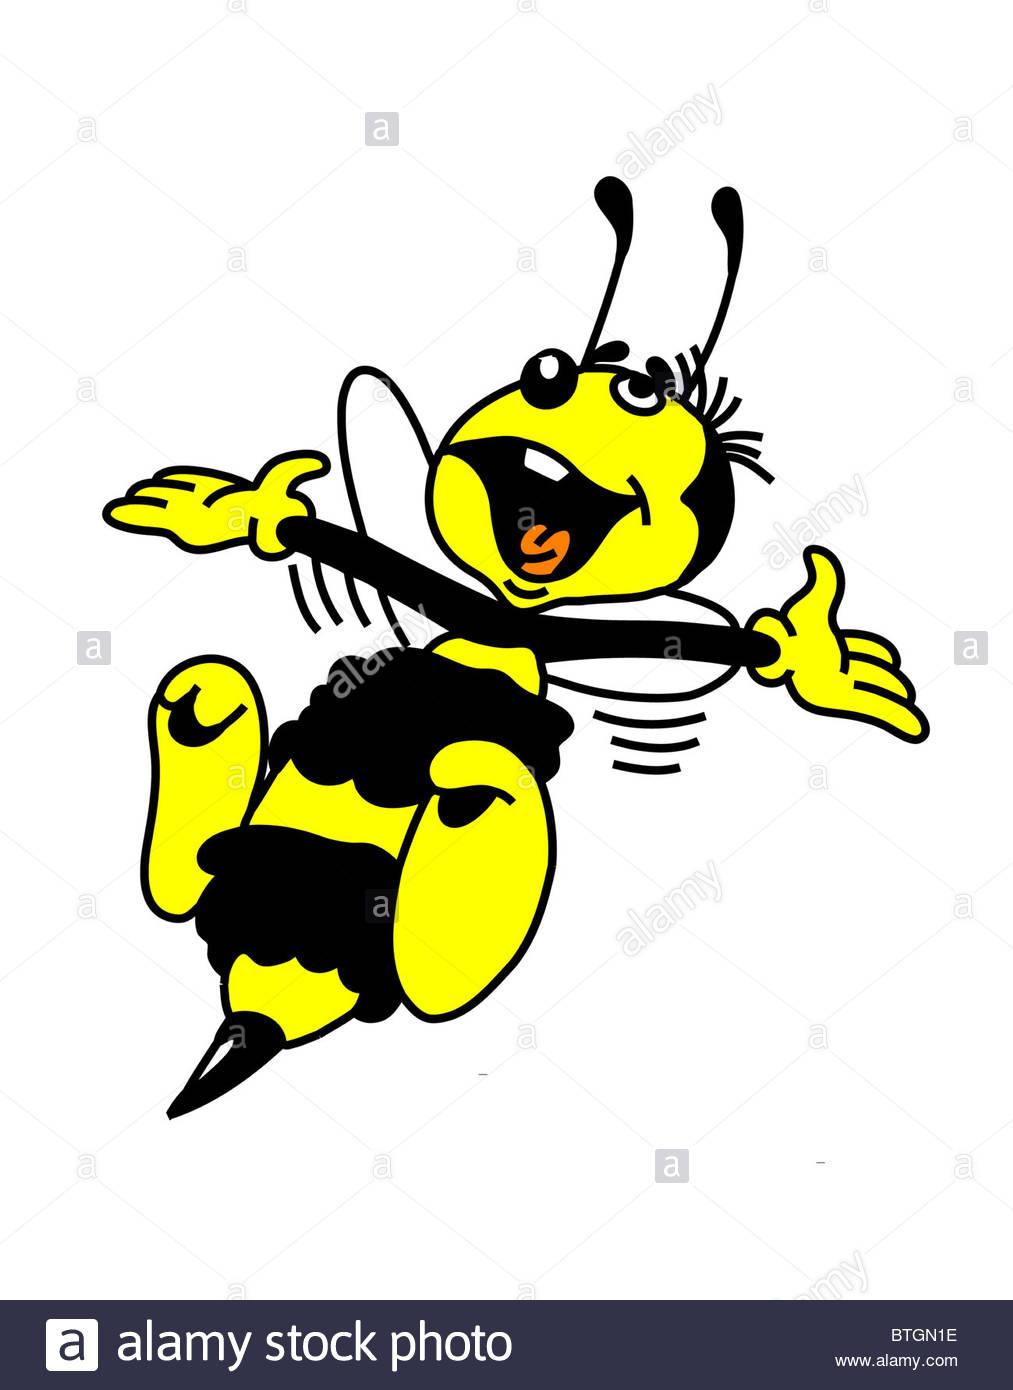 Vector Bee Cartoon Stockfotos & Vector Bee Cartoon Bilder - Alamy